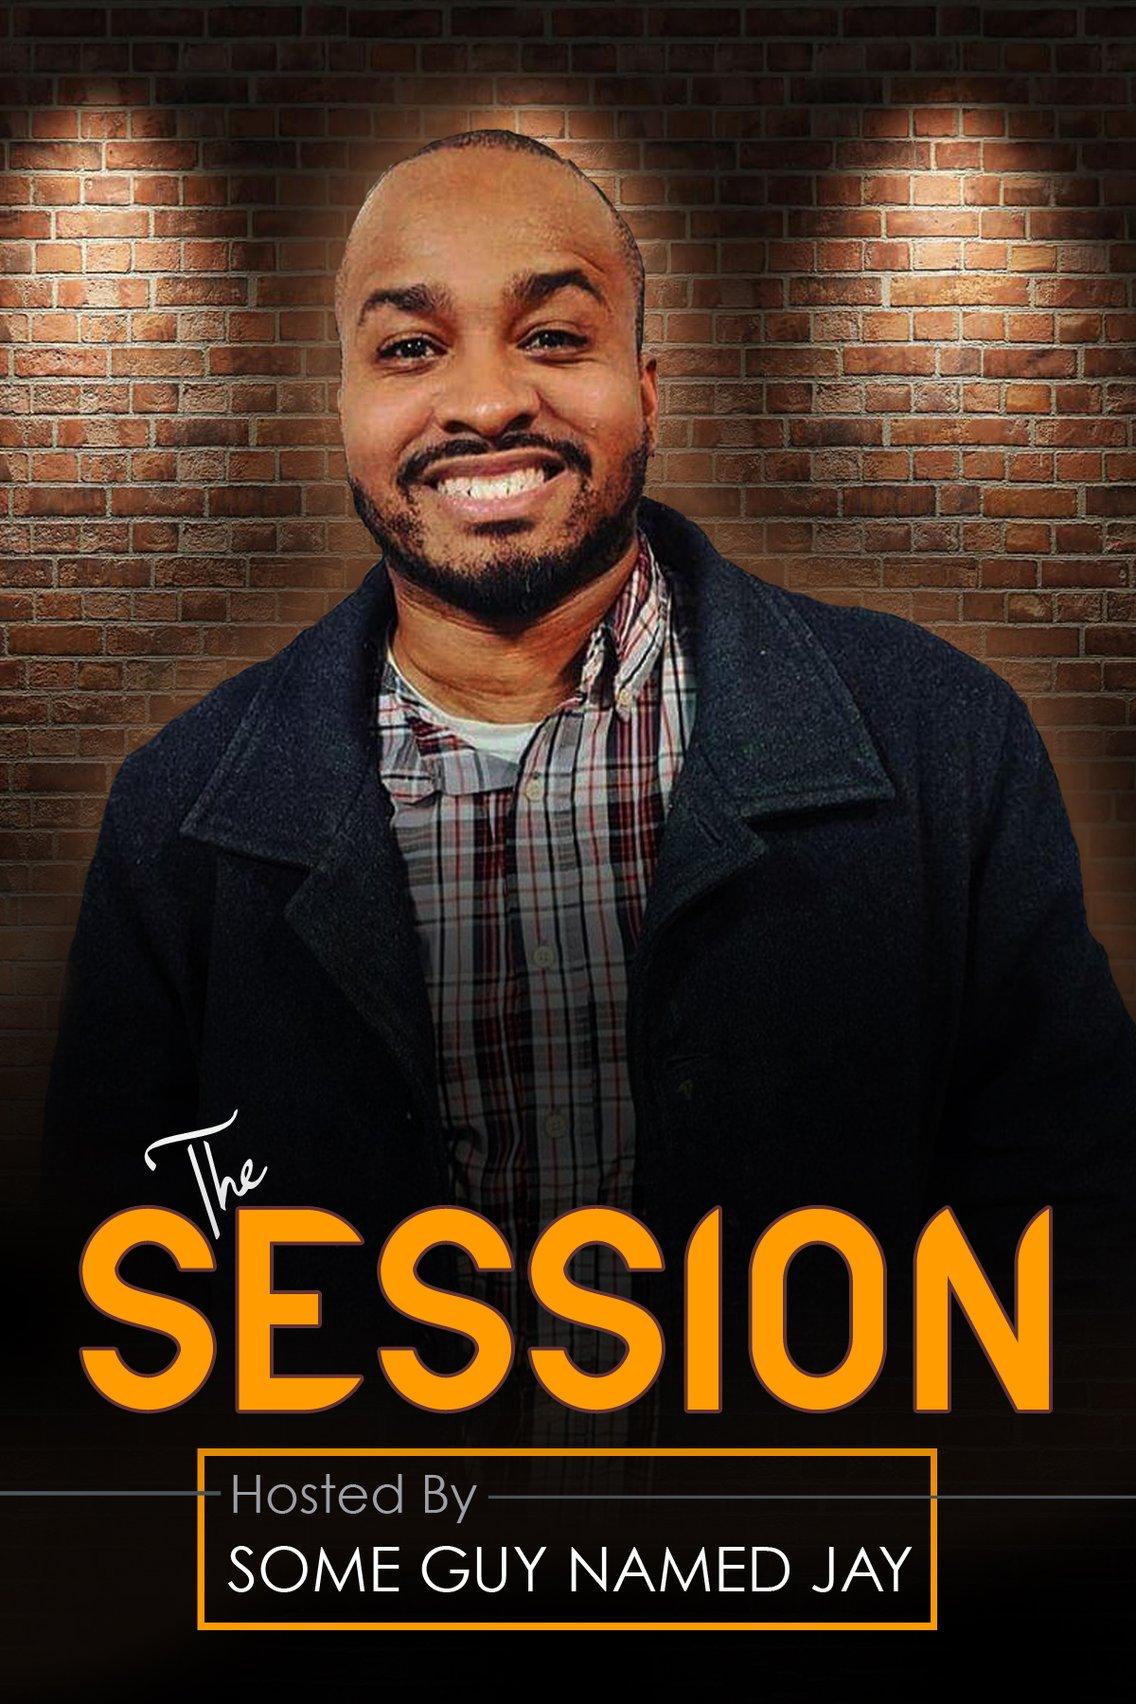 The Session Podcast - imagen de portada